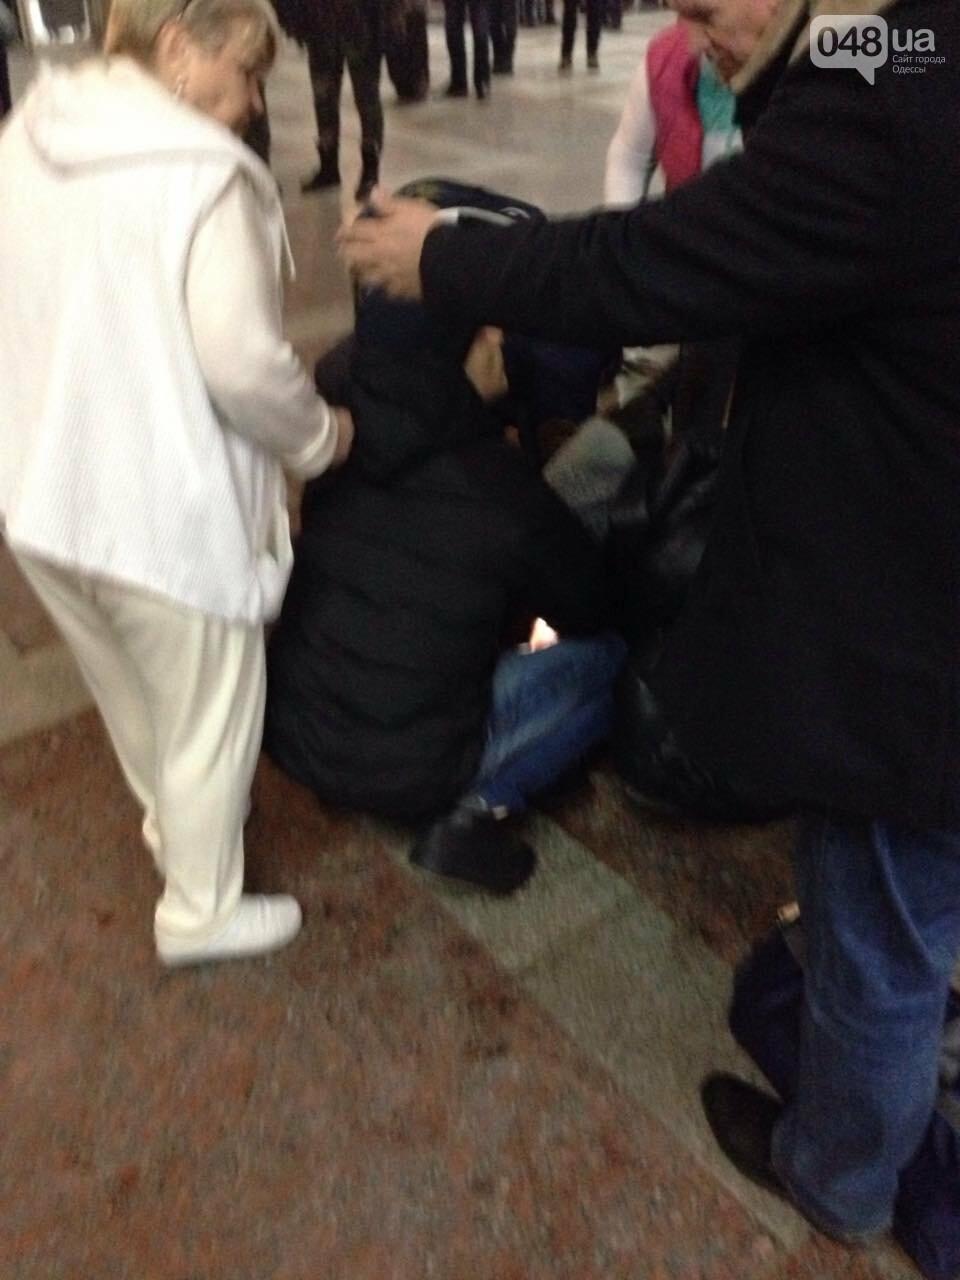 На ЖД вокзале в Одессе у мужчины случился припадок: проводят массаж сердца, - ФОТО, фото-1